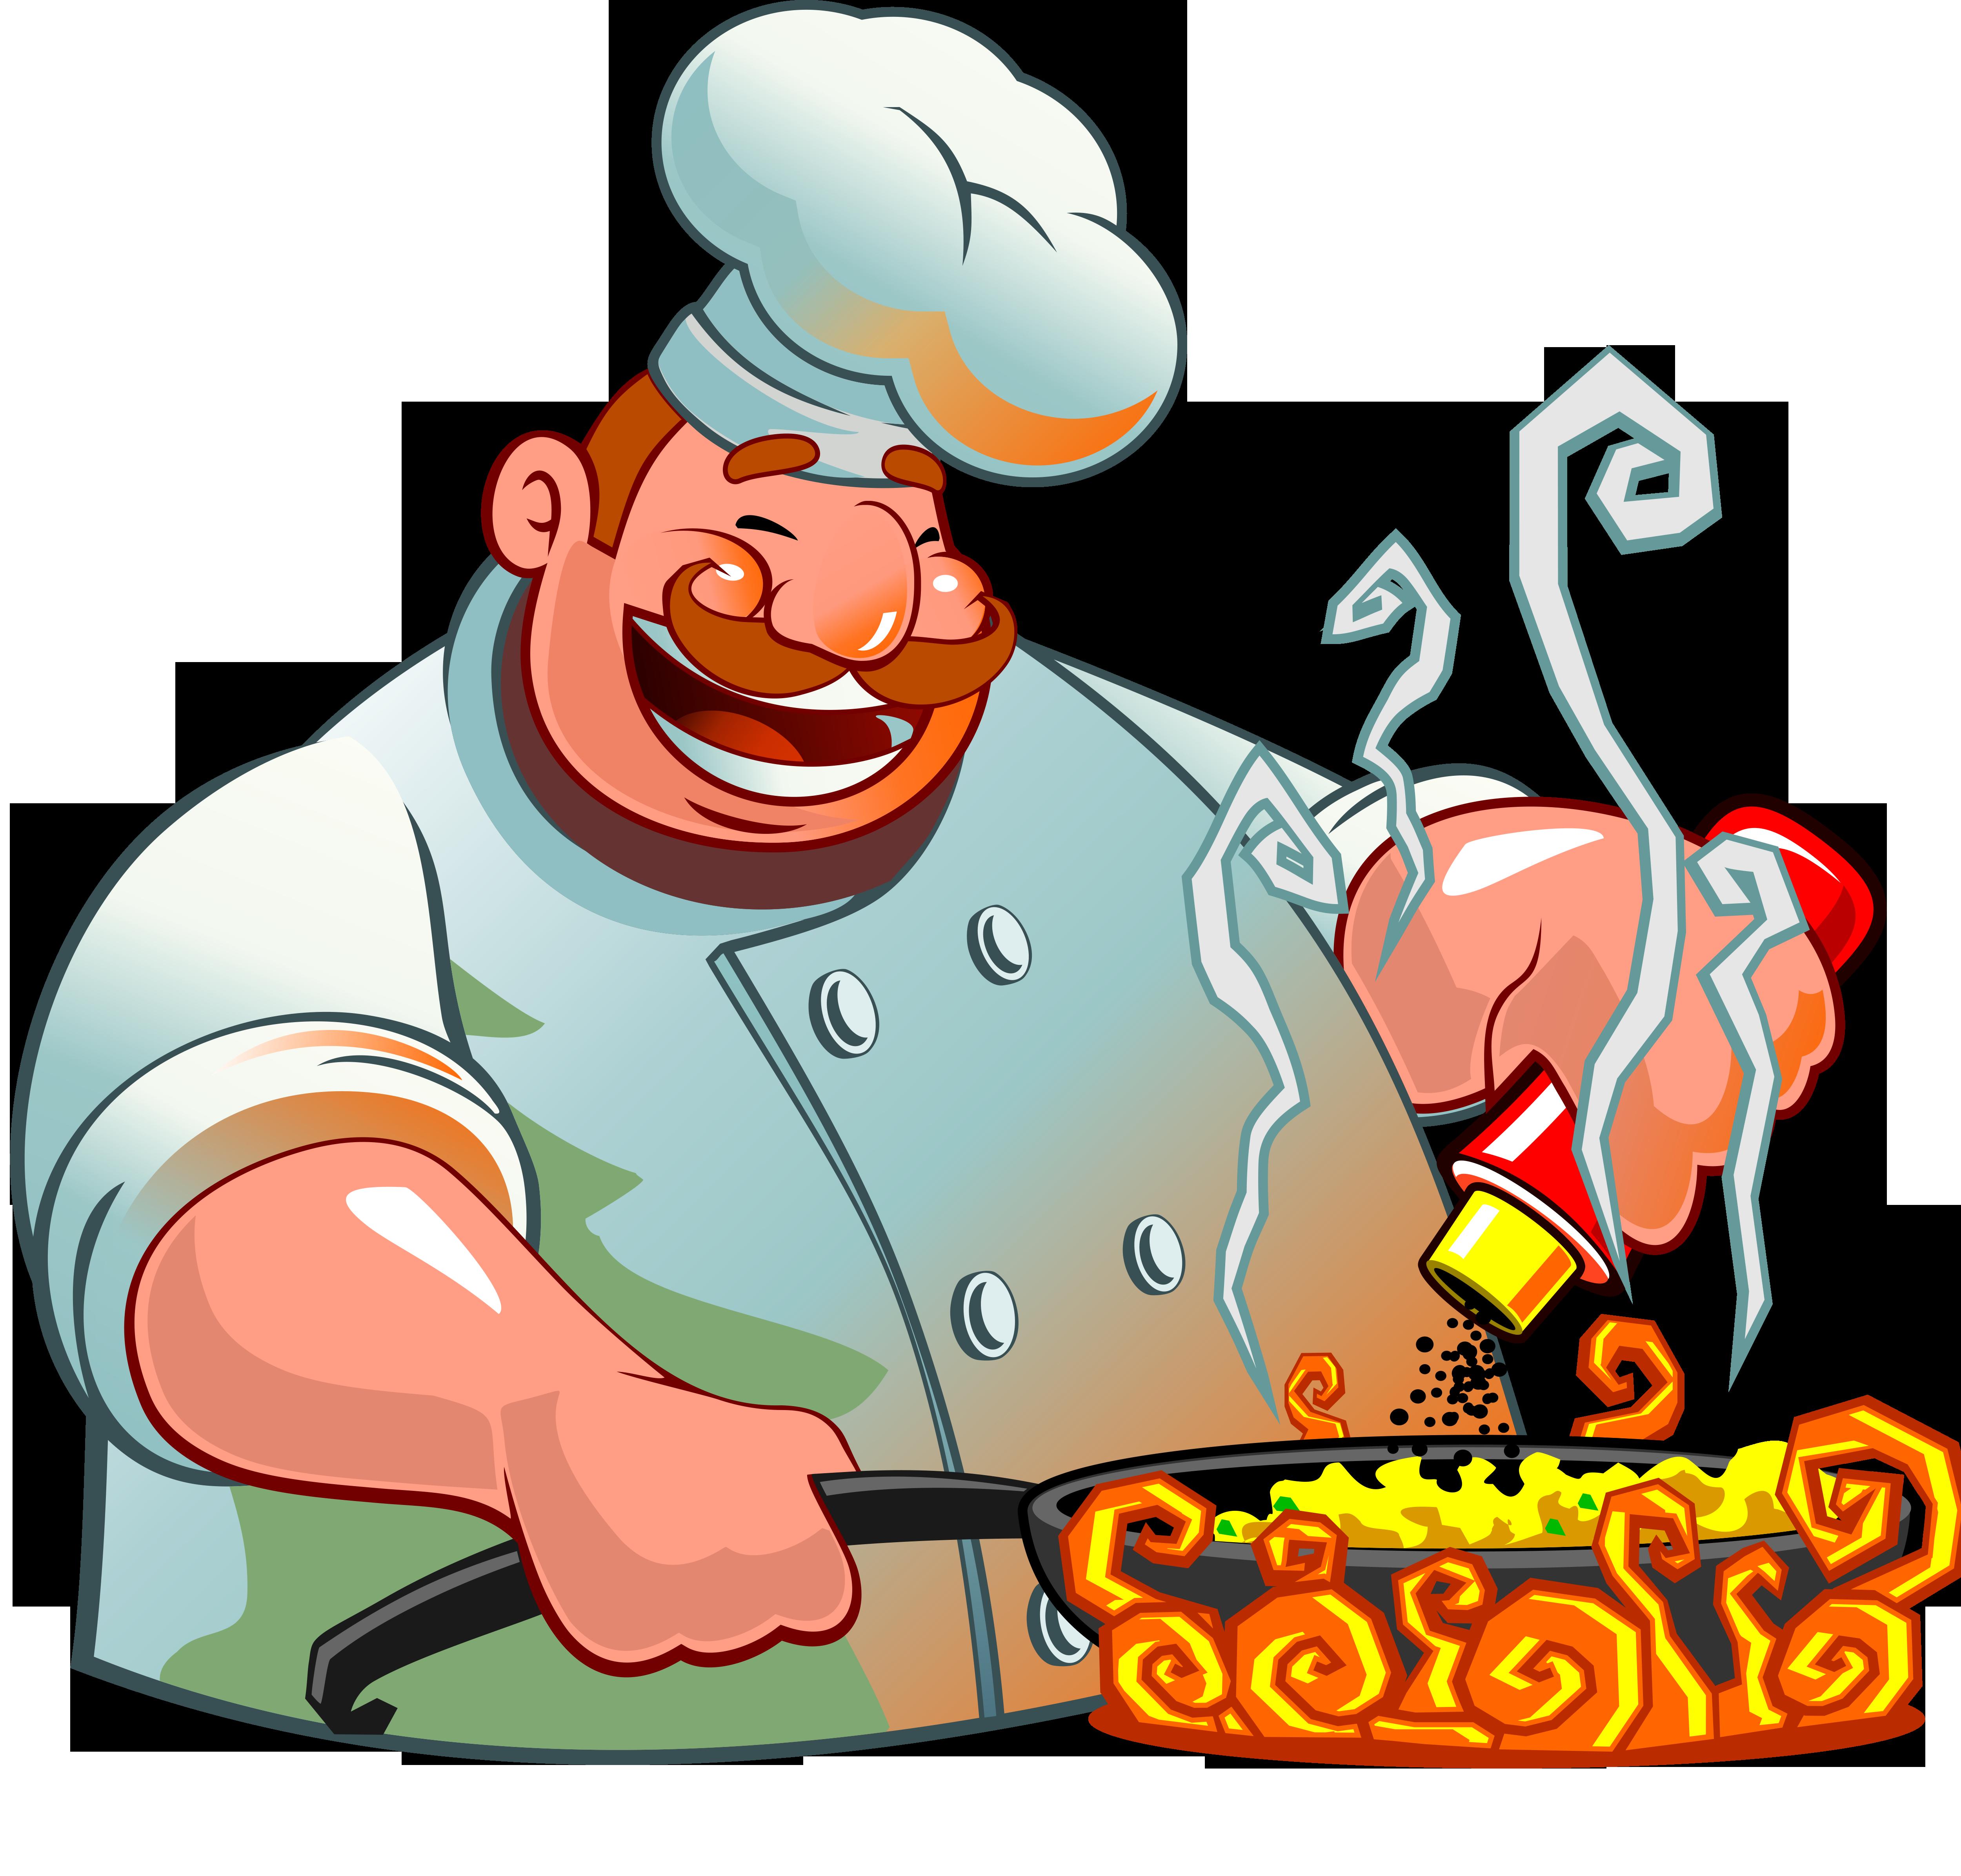 Картинка с поваром поздравление